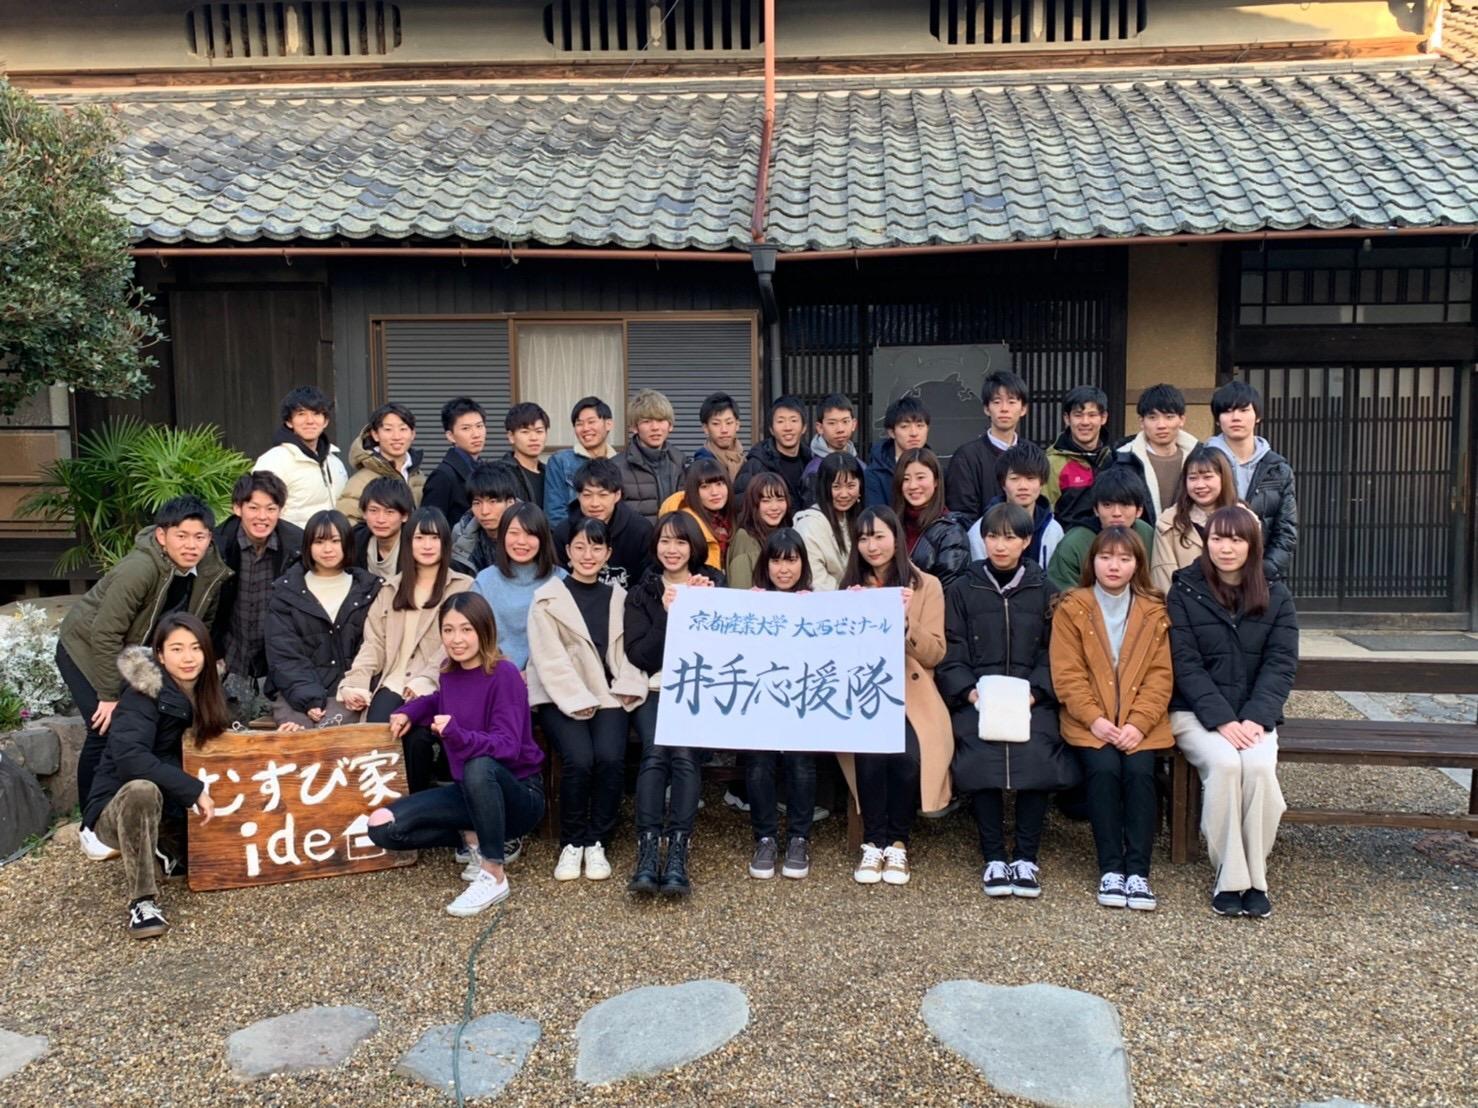 【京都産業大学】井手町の活性化を目指す「井手応援隊」が、町内を灯籠で彩るイルミネーションイベントを開催!